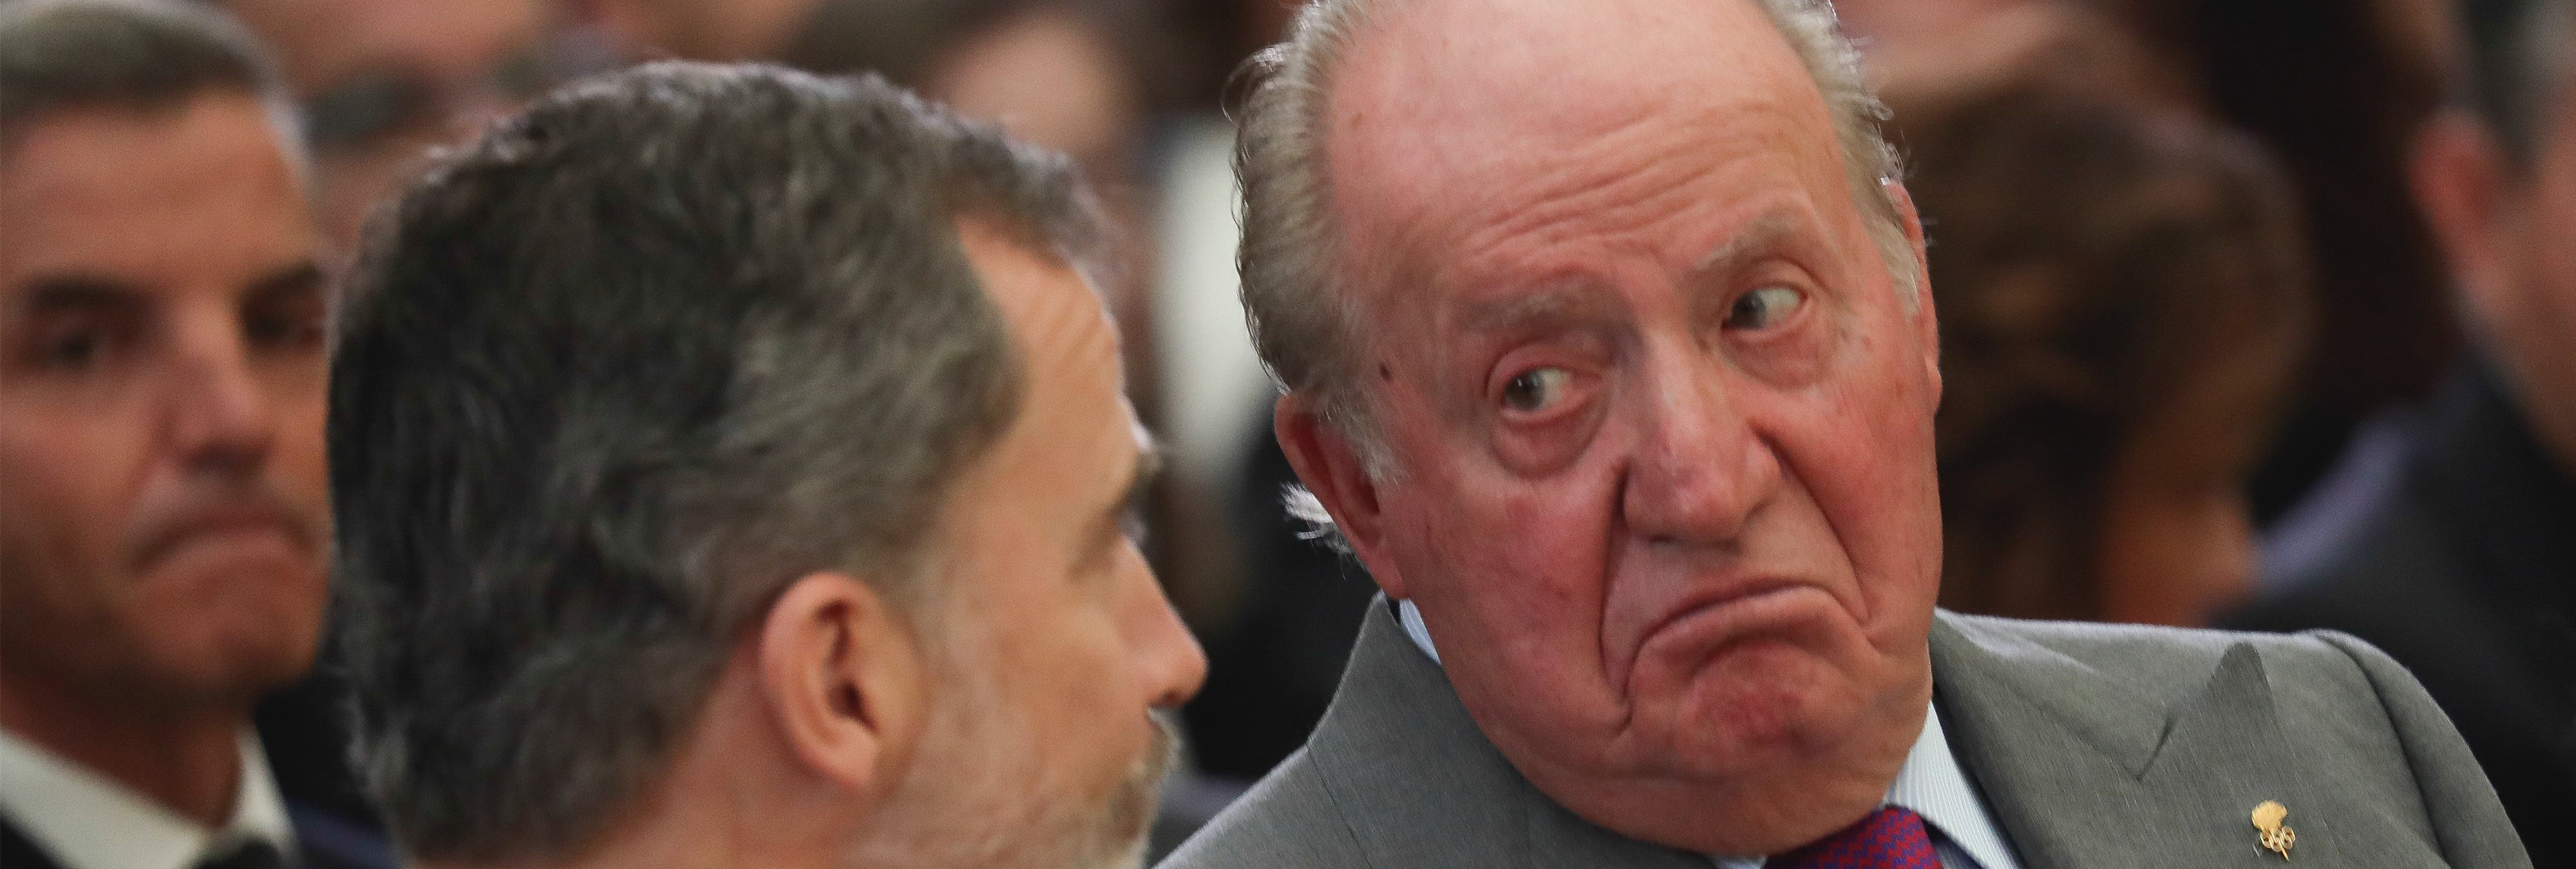 Afirma ser hijo del rey Juan Carlos y publica un libro aportando pruebas